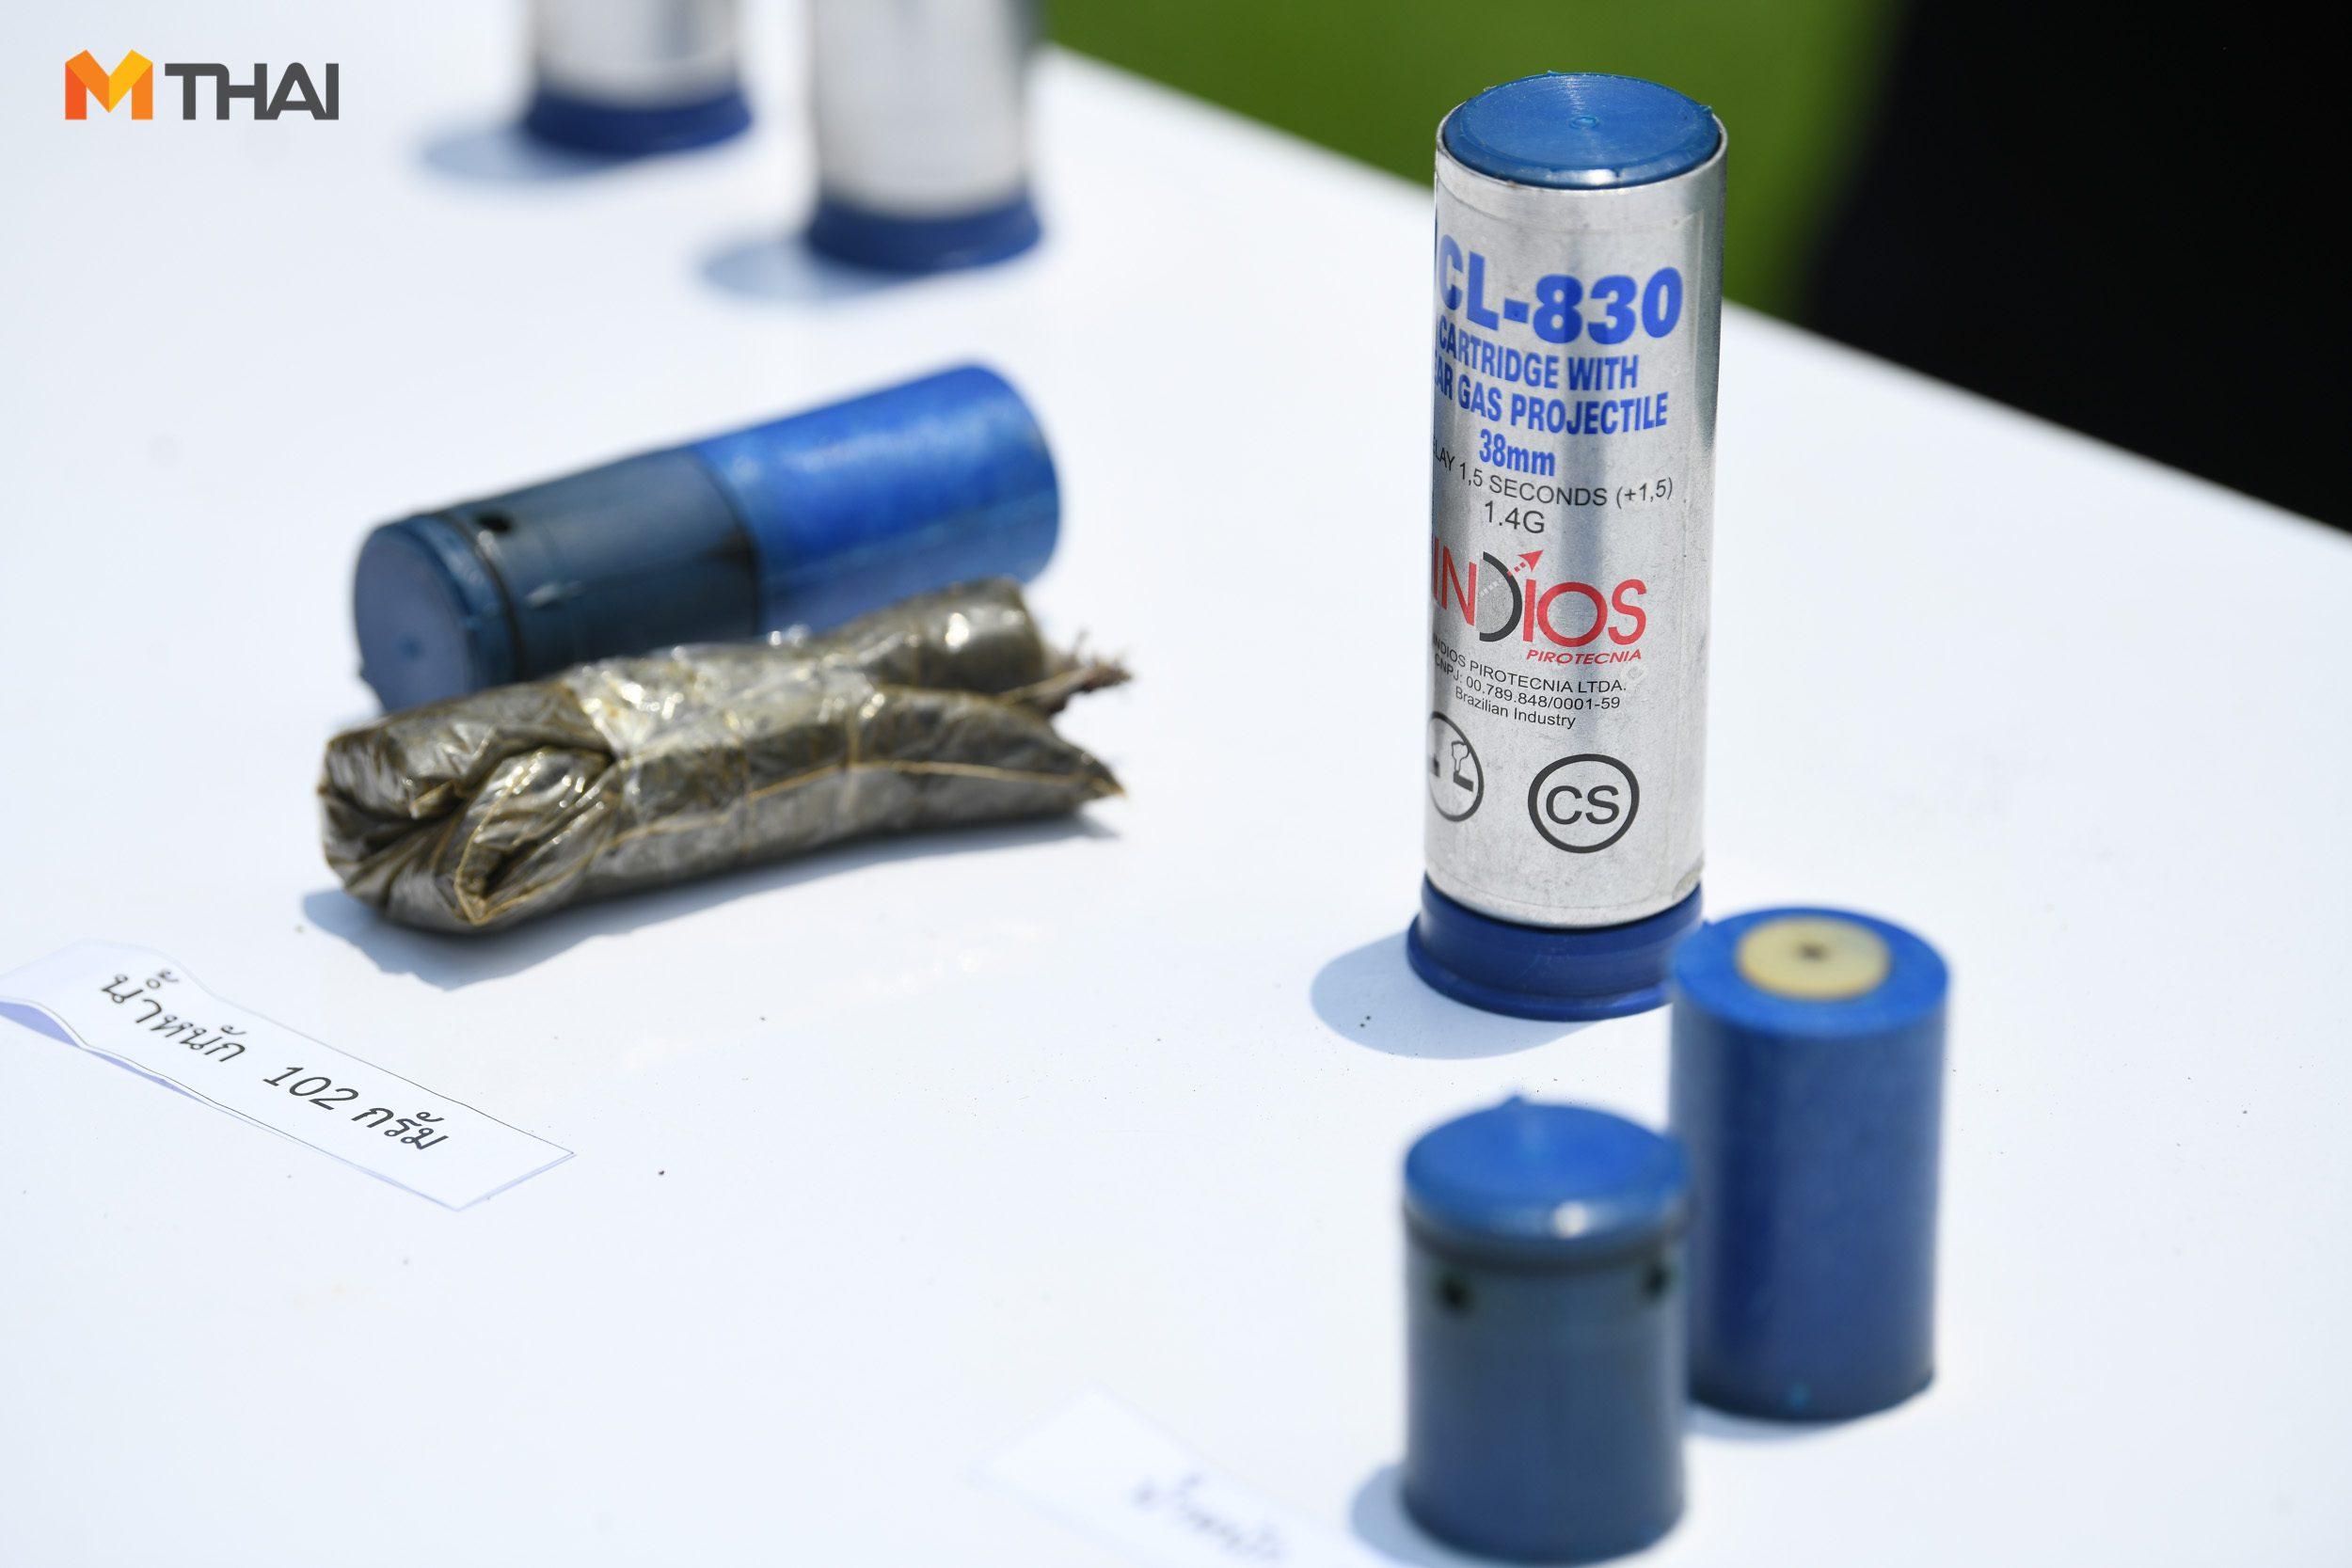 ผบช.น. สาธิตวิธียิงแก๊สน้ำตา แจงไม่สามารถทำอันตรายให้ถึงแก่ชีวิตได้